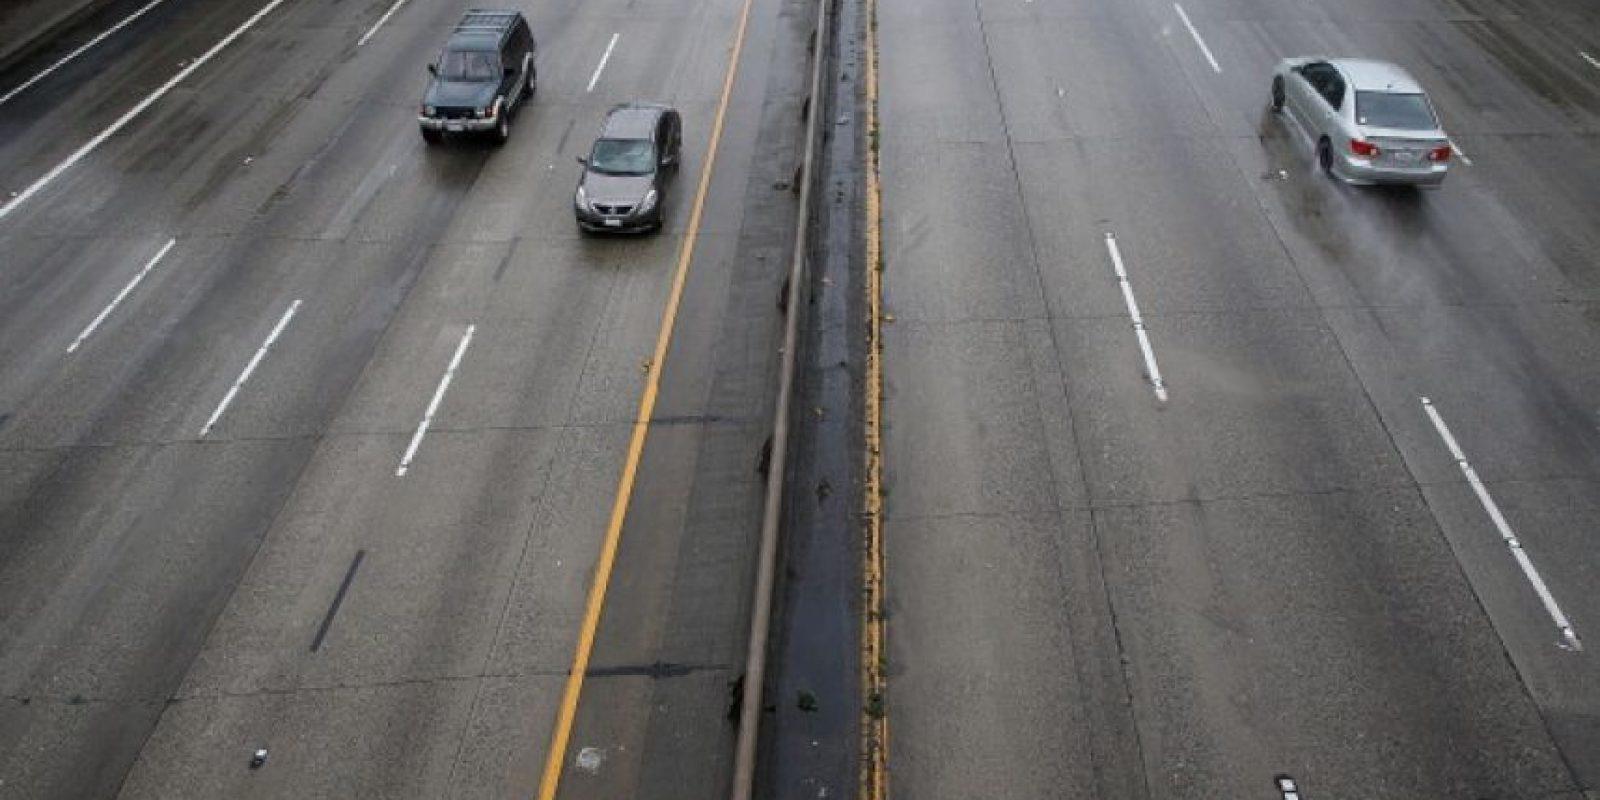 Evite a toda costa las distracciones mientras conduce, pues la menor de ellas puede provocar accidentes de gravedad Foto:Getty Images